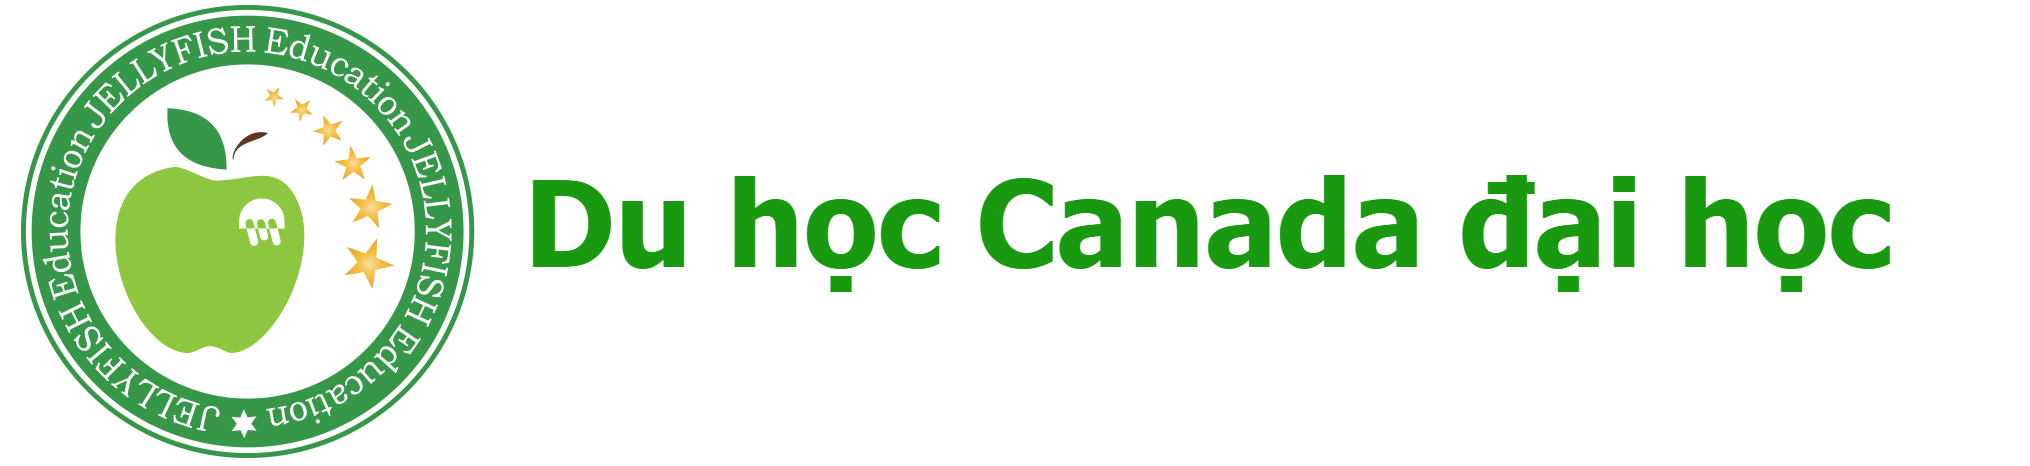 du-hoc-canada